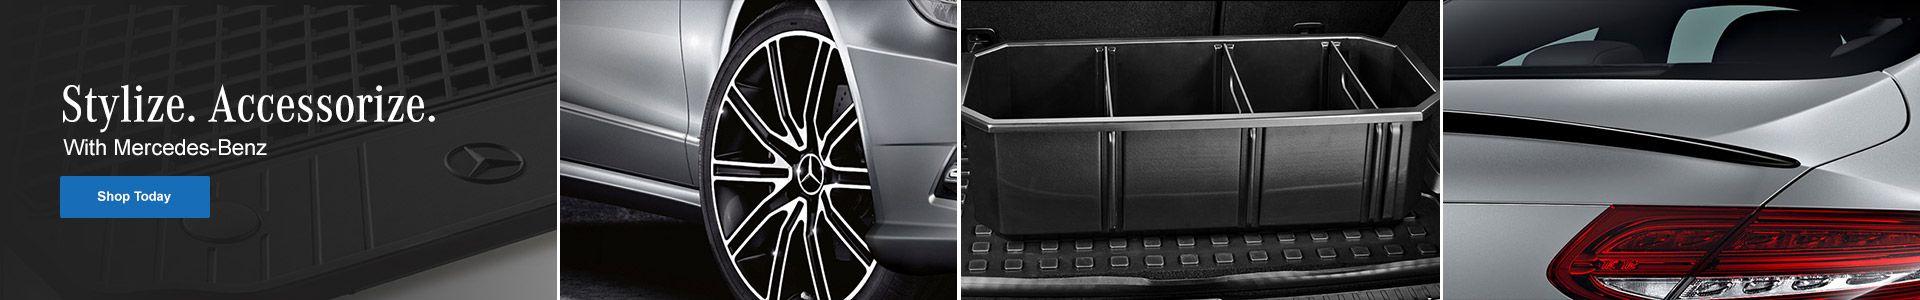 Genuine Mercedes-Benz Accessories